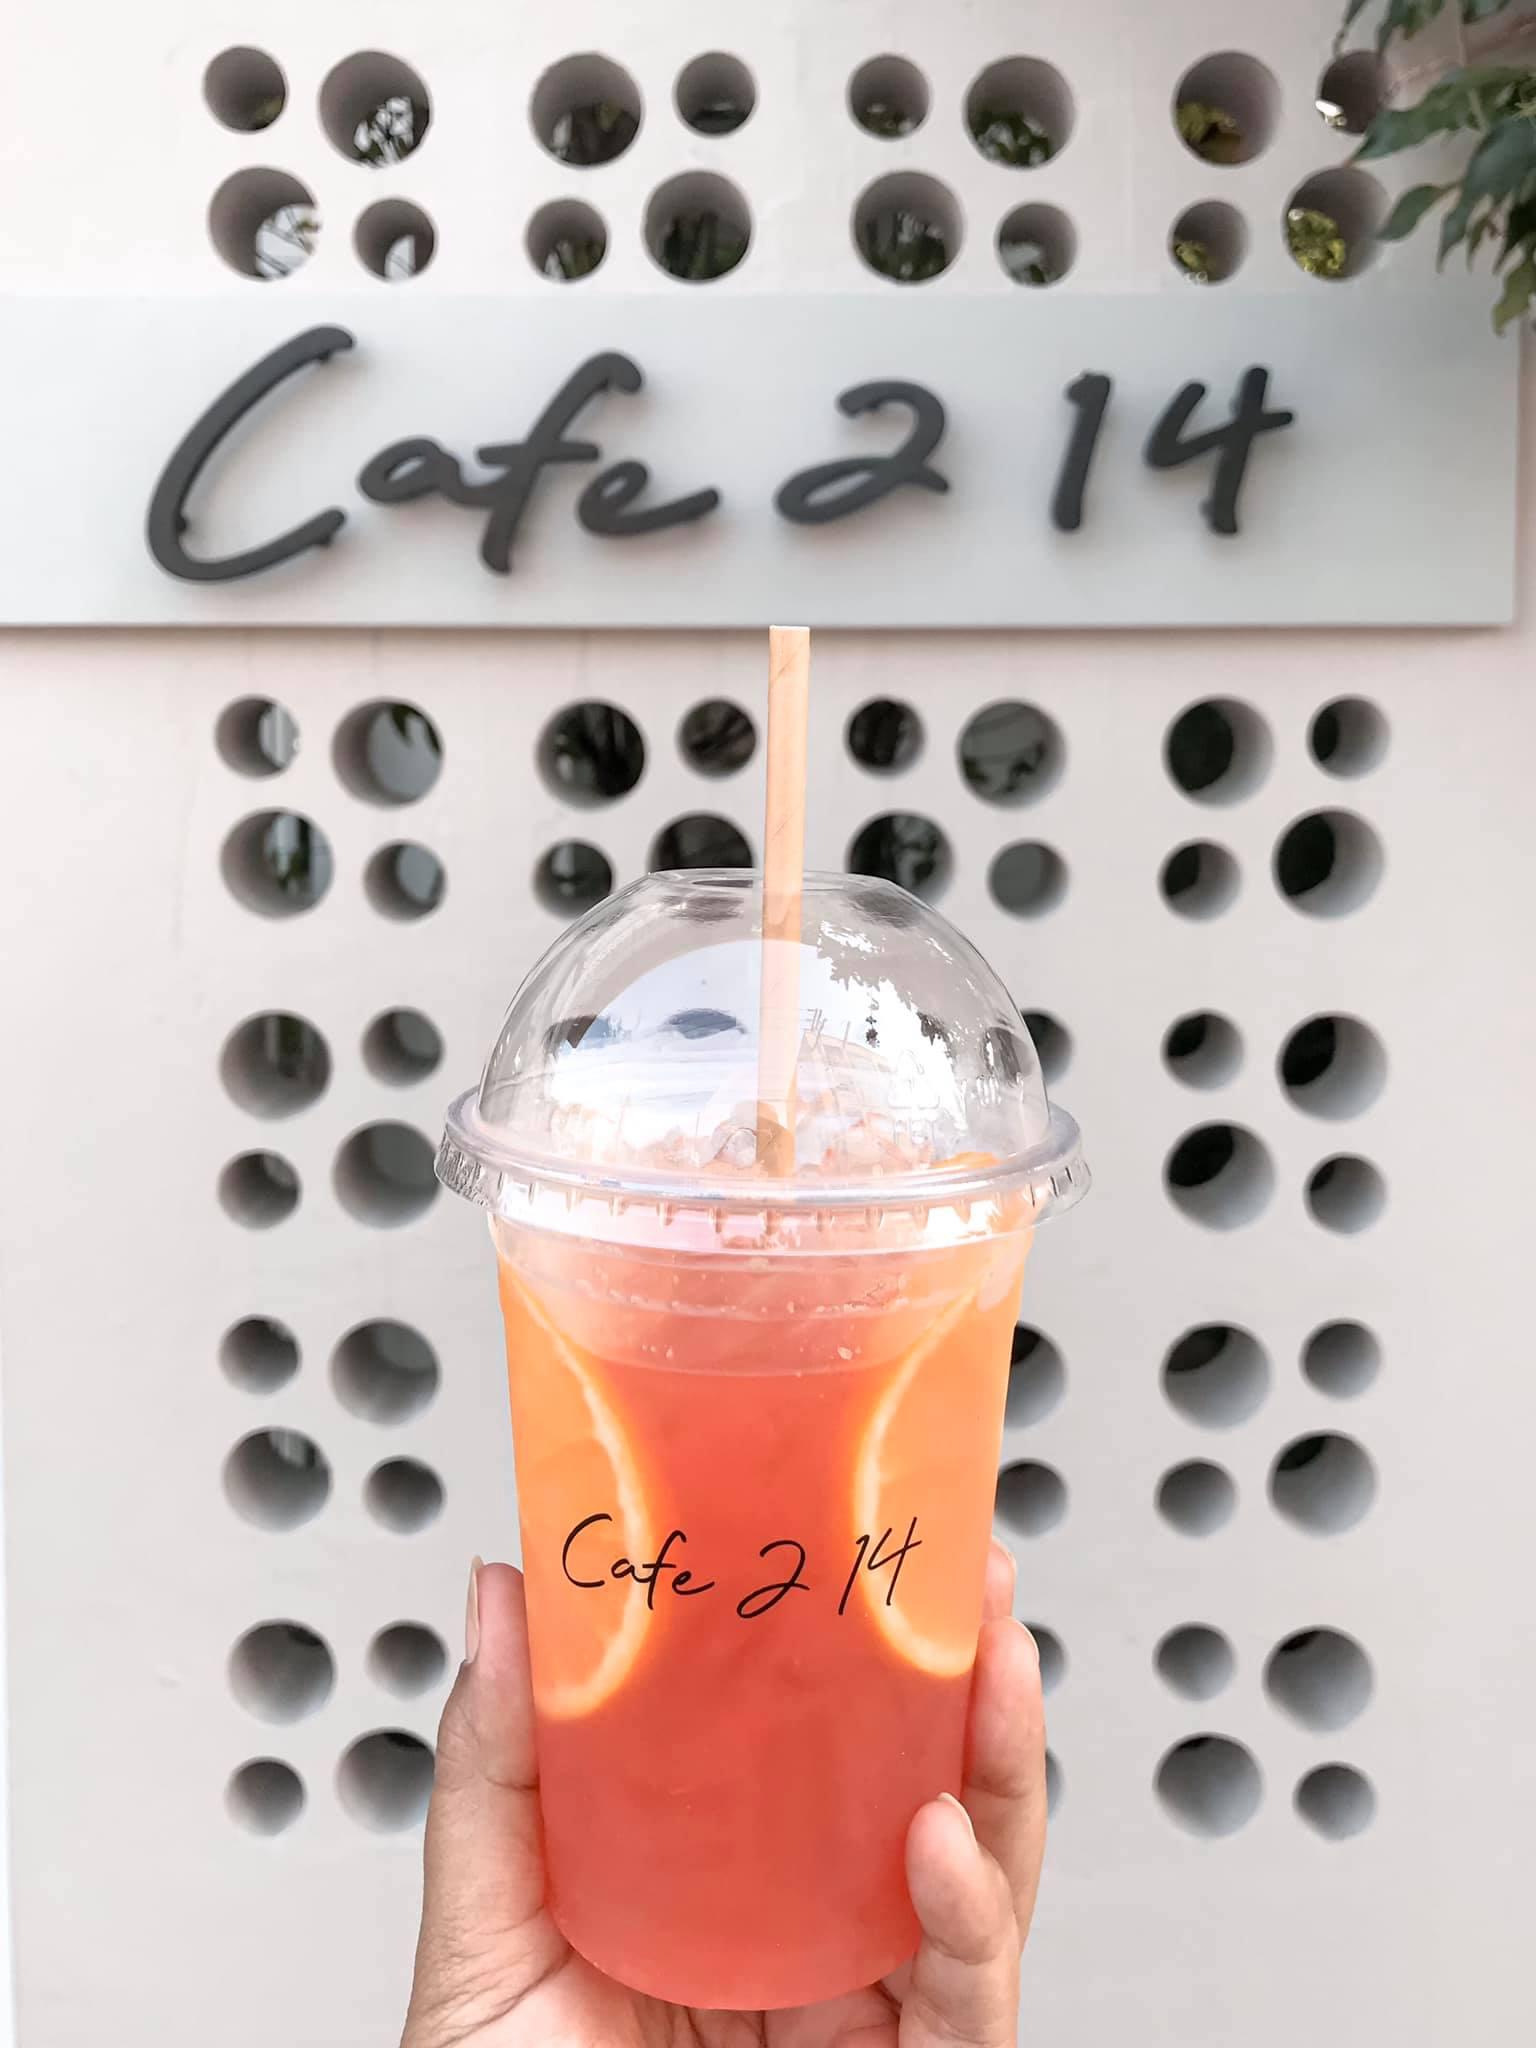 จุดเช็คอินเด็ดๆ ร้าน Cafe 214 Hua Hin คาเฟ่สายชิวกับเค้กอร่อยๆบรรยากาศร้านสบายให้คนไปนั่งเล่นถ่ายรูปกันได้รัวๆให้ 10/10